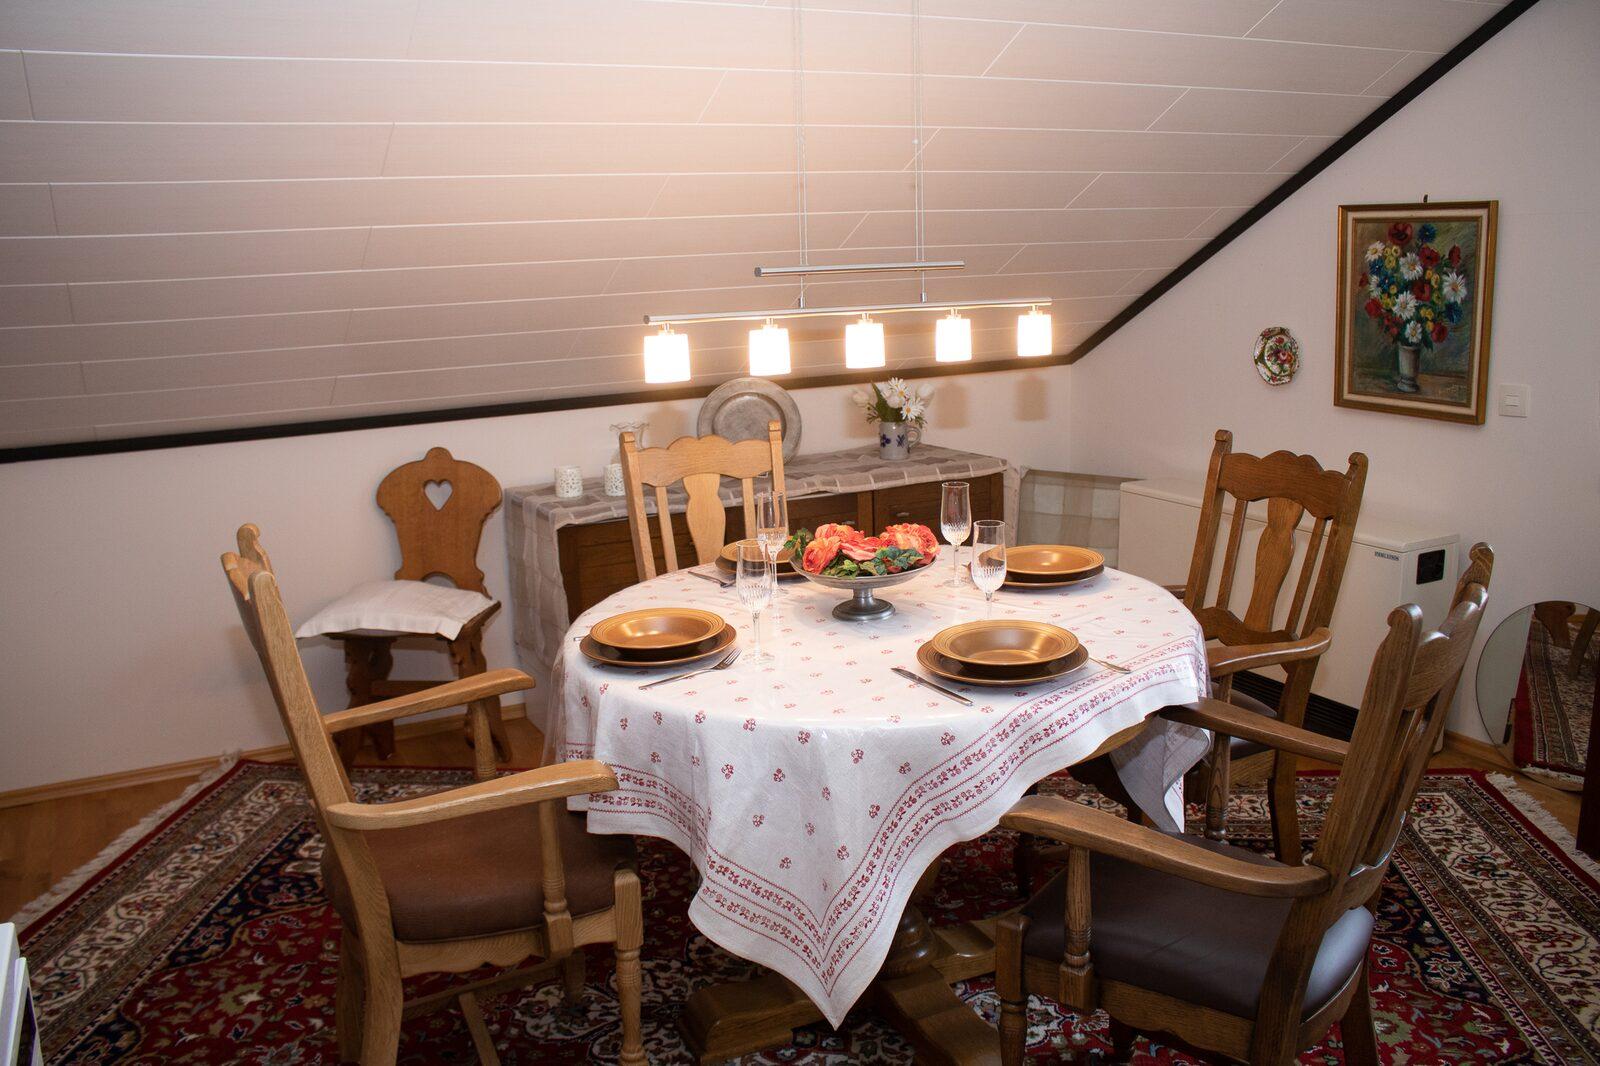 Ferienwohnung - An der Drift 7a | Nordenau